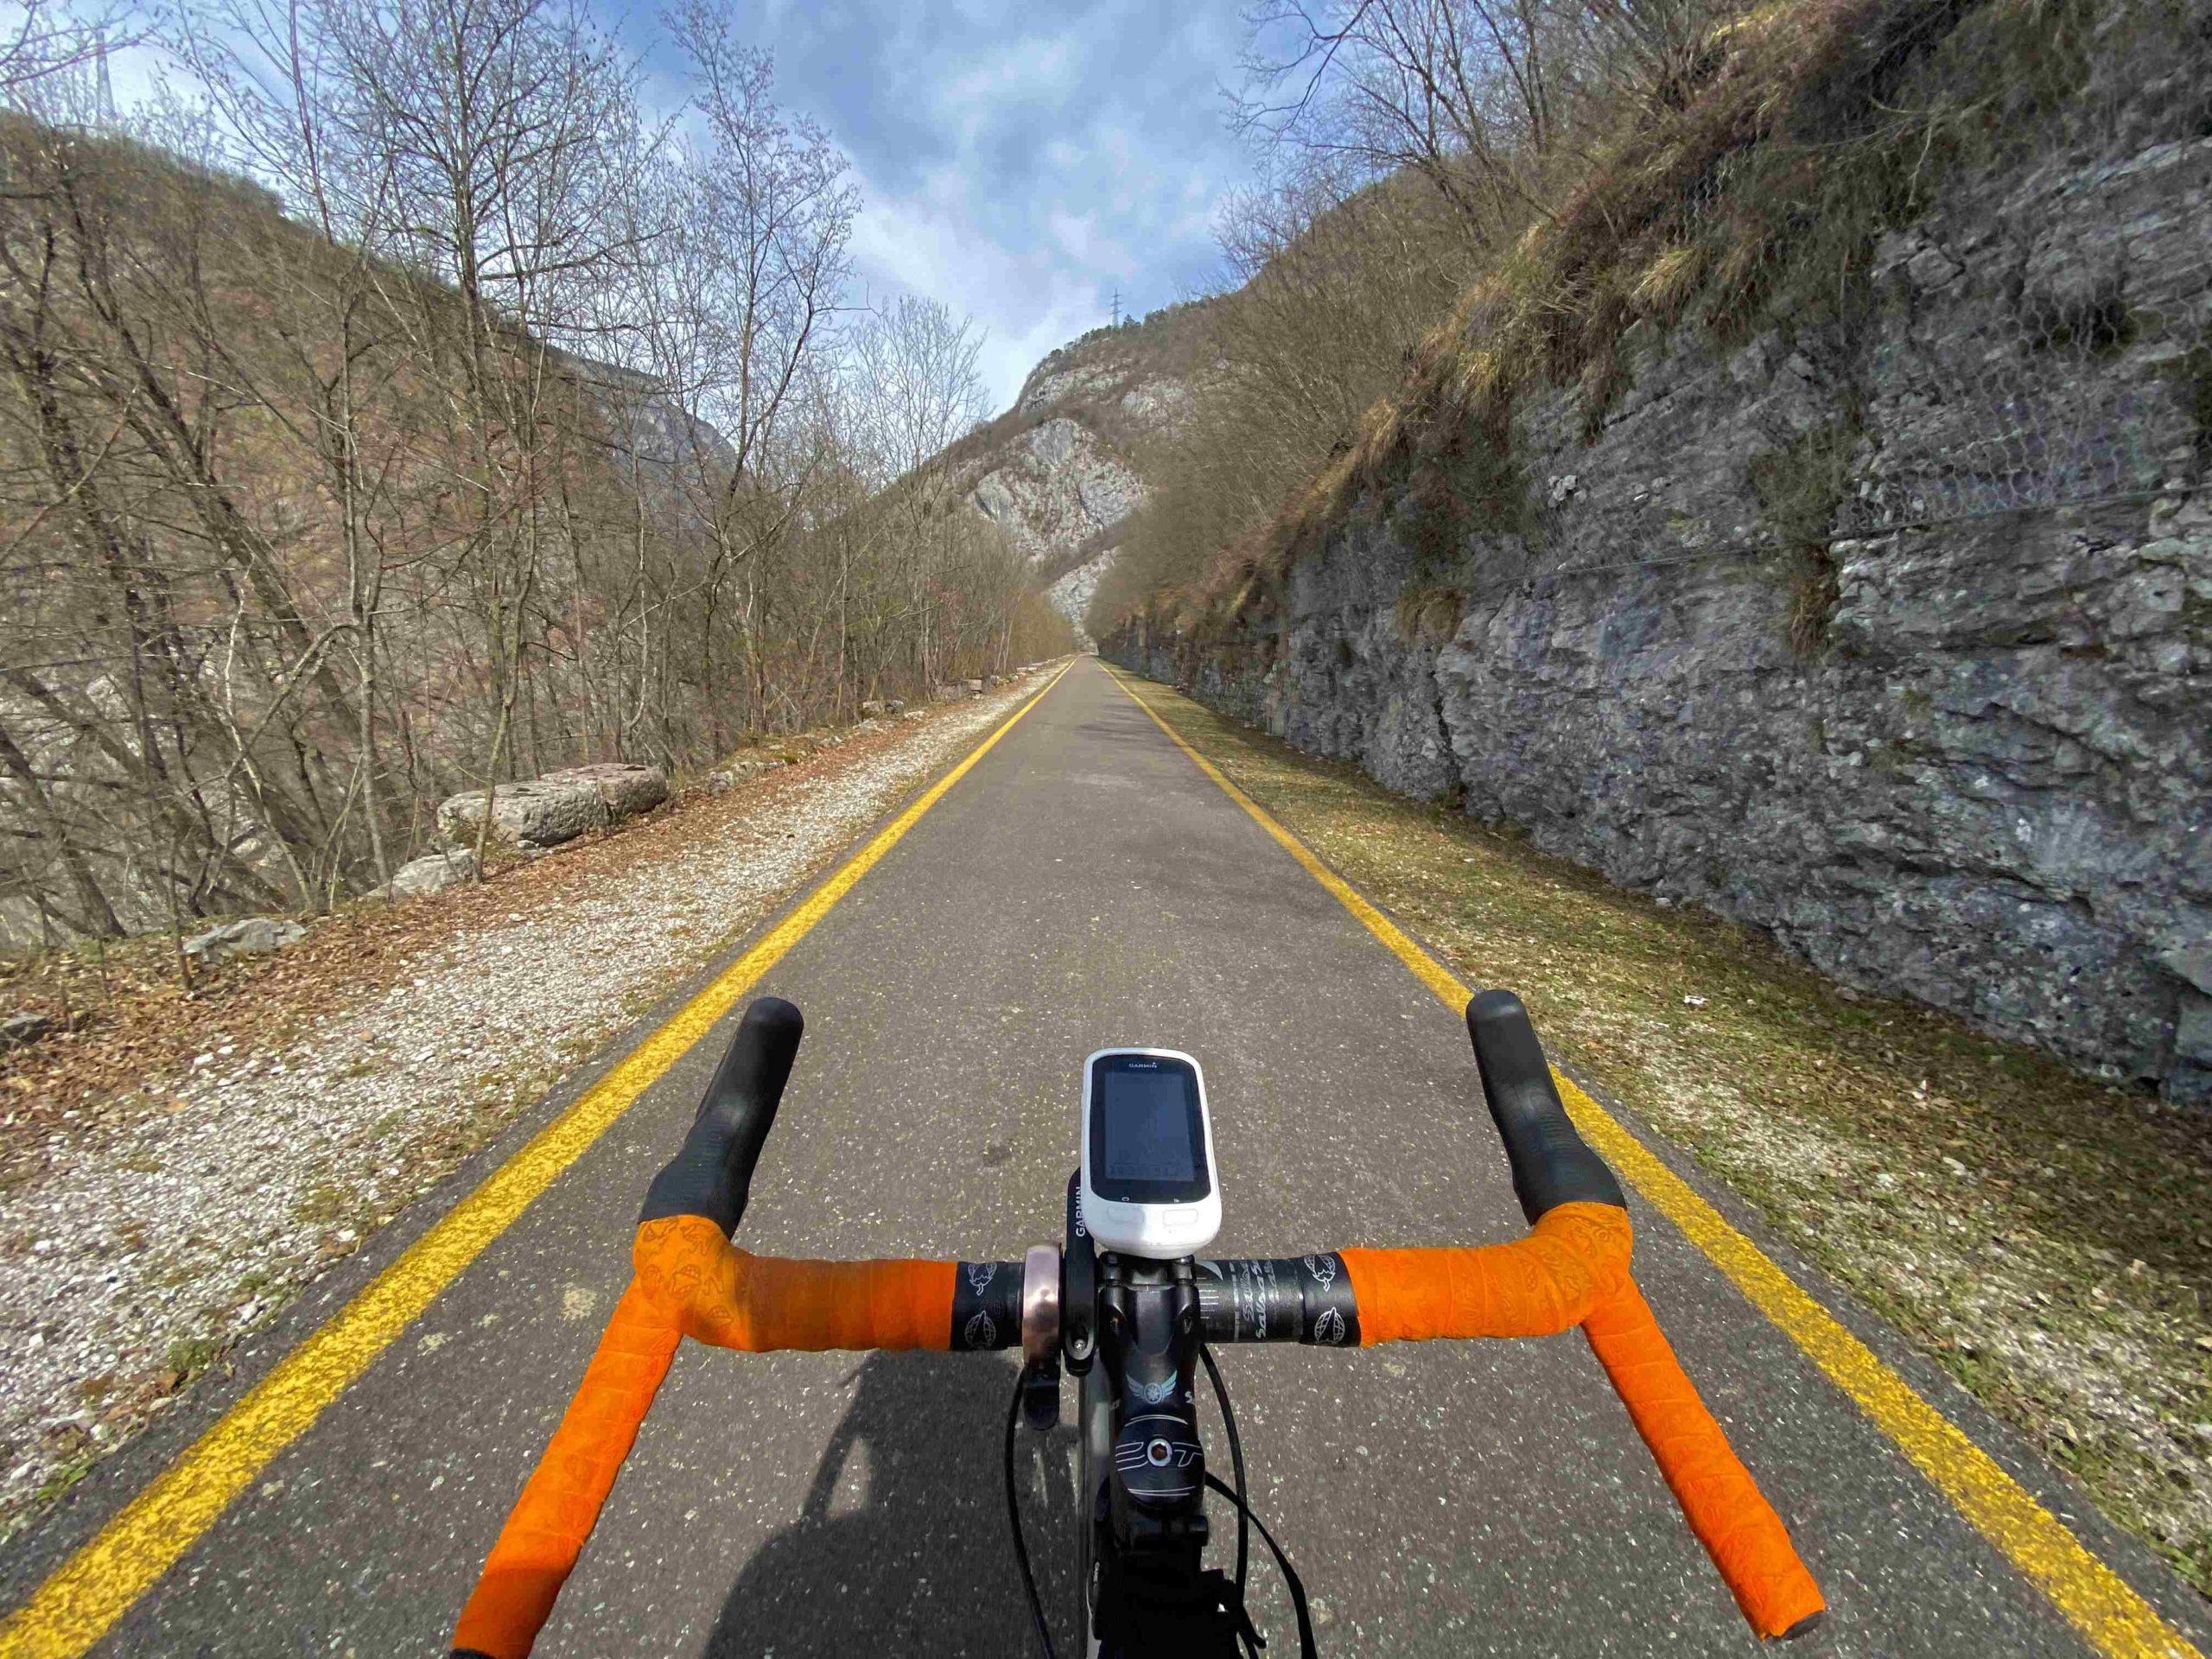 la ciclabile del limarò, viaggiatore lento, lago di garda, vacanze in trentino, trentino in bici, viaggiare in bici, vacanze in bicicletta, garda trentino, piste ciclabili,